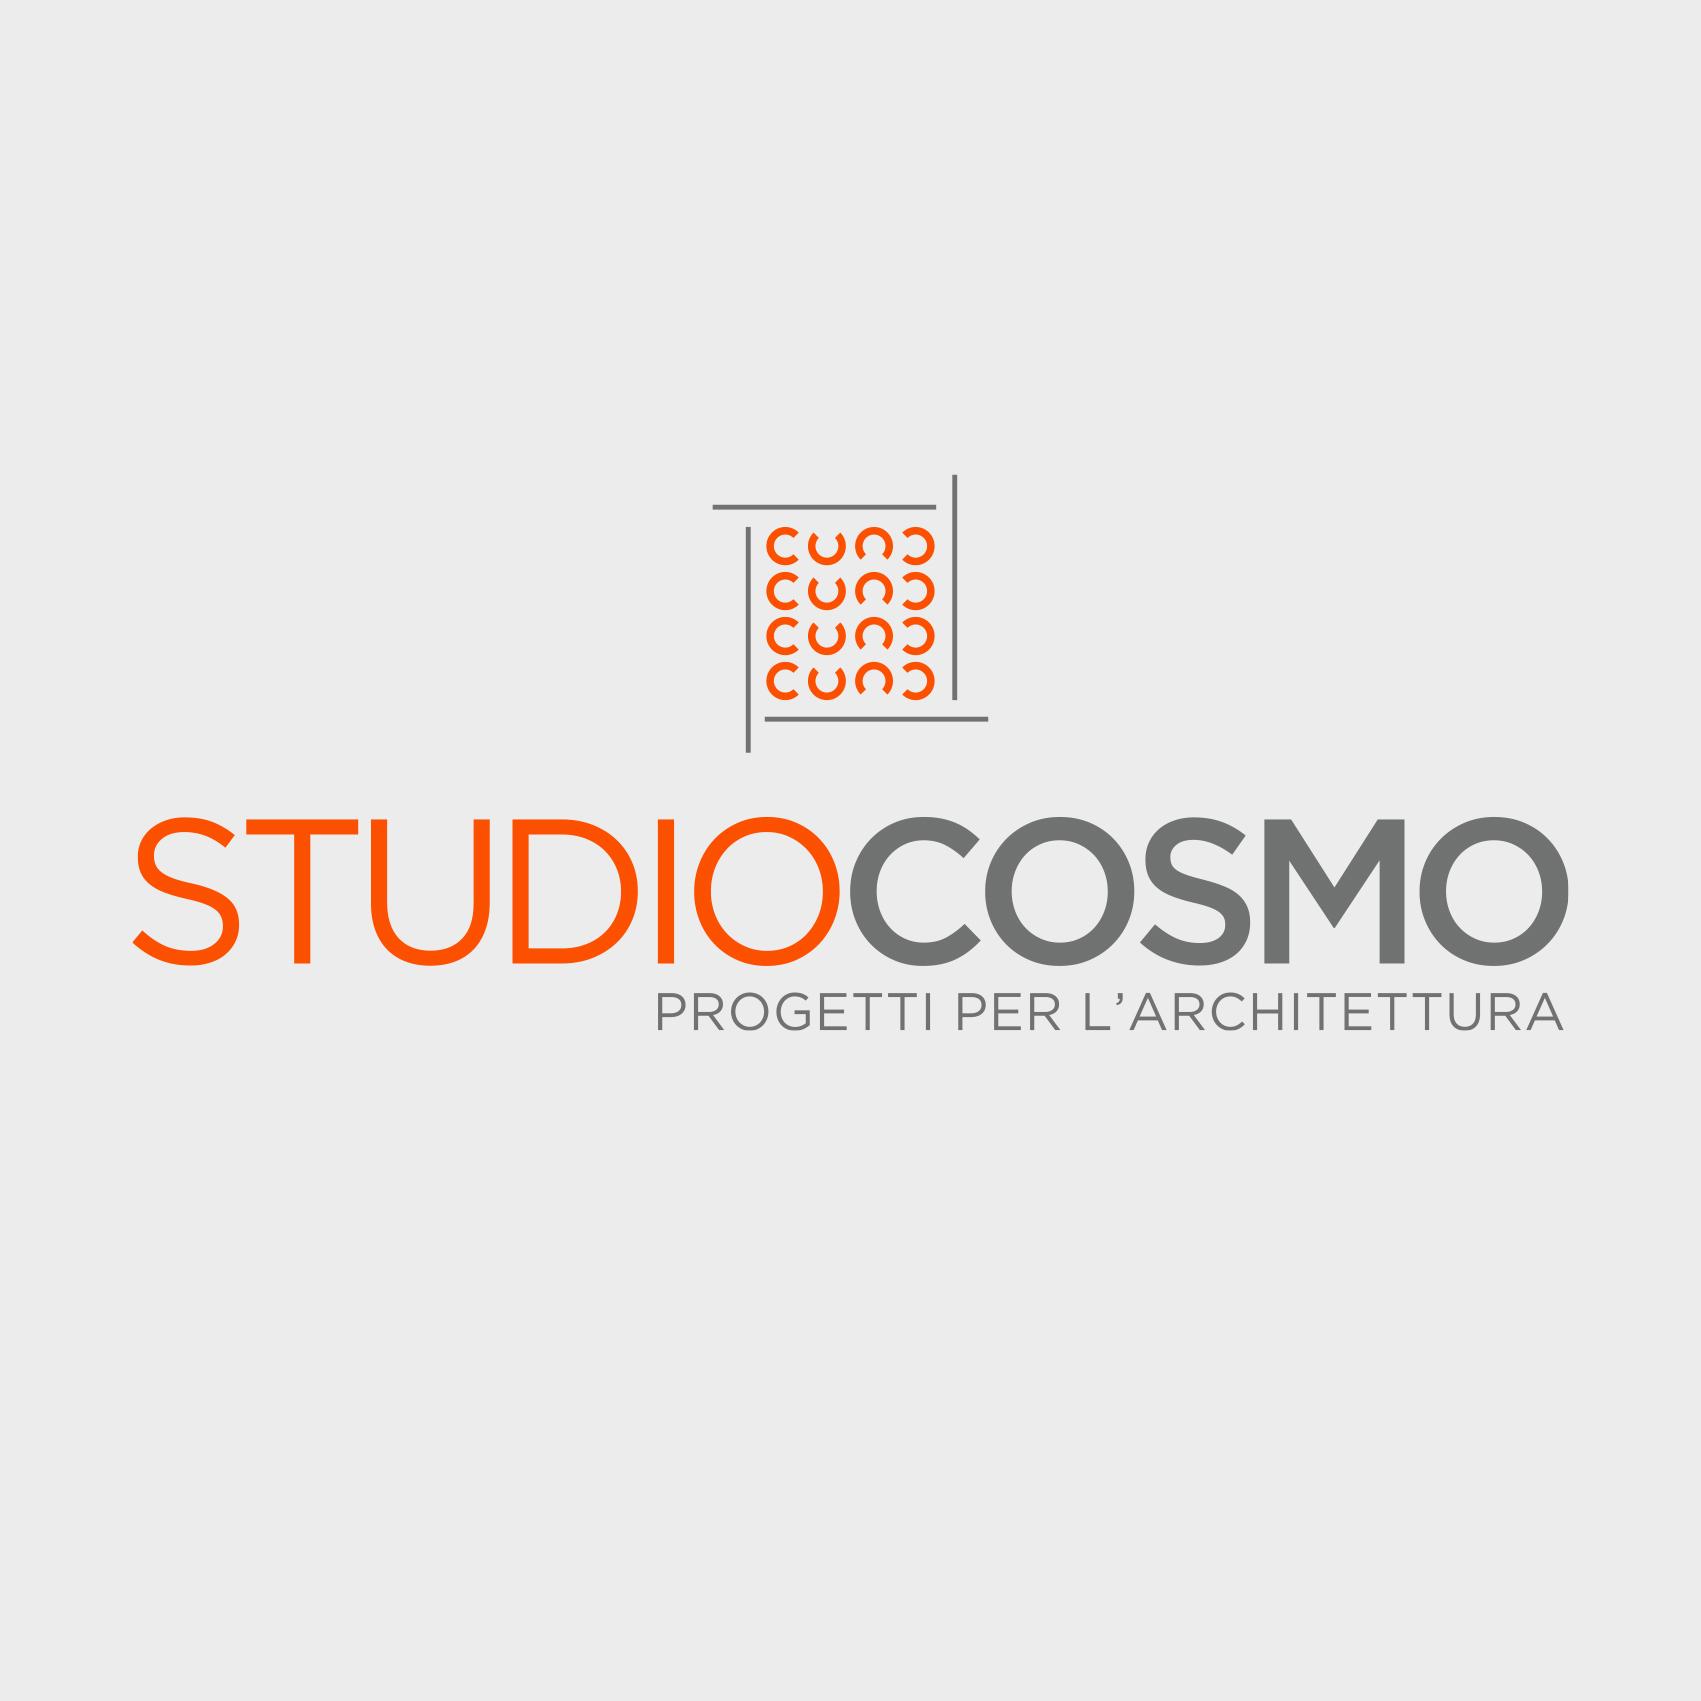 logo per studio cosmo